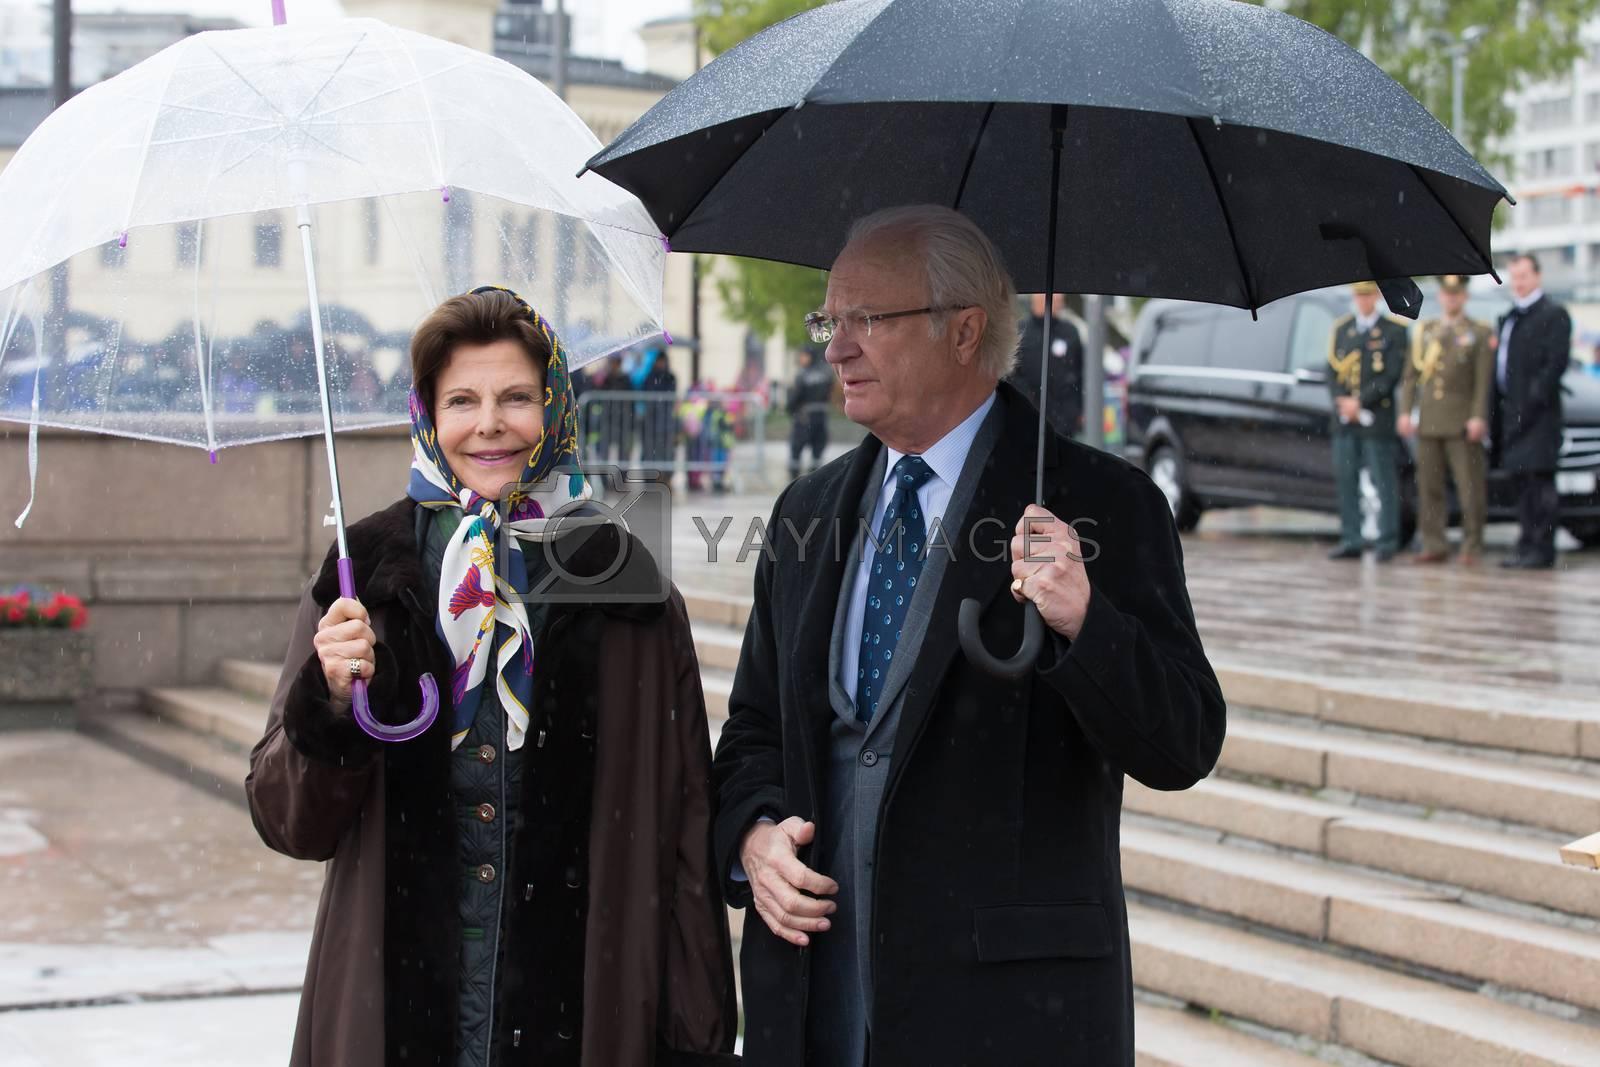 Kongeparets 80-årsfeiring fortsetter onsdag, og nå skal de kongelige gjestene ut på båttur med Kongeskipet - i regnvær.